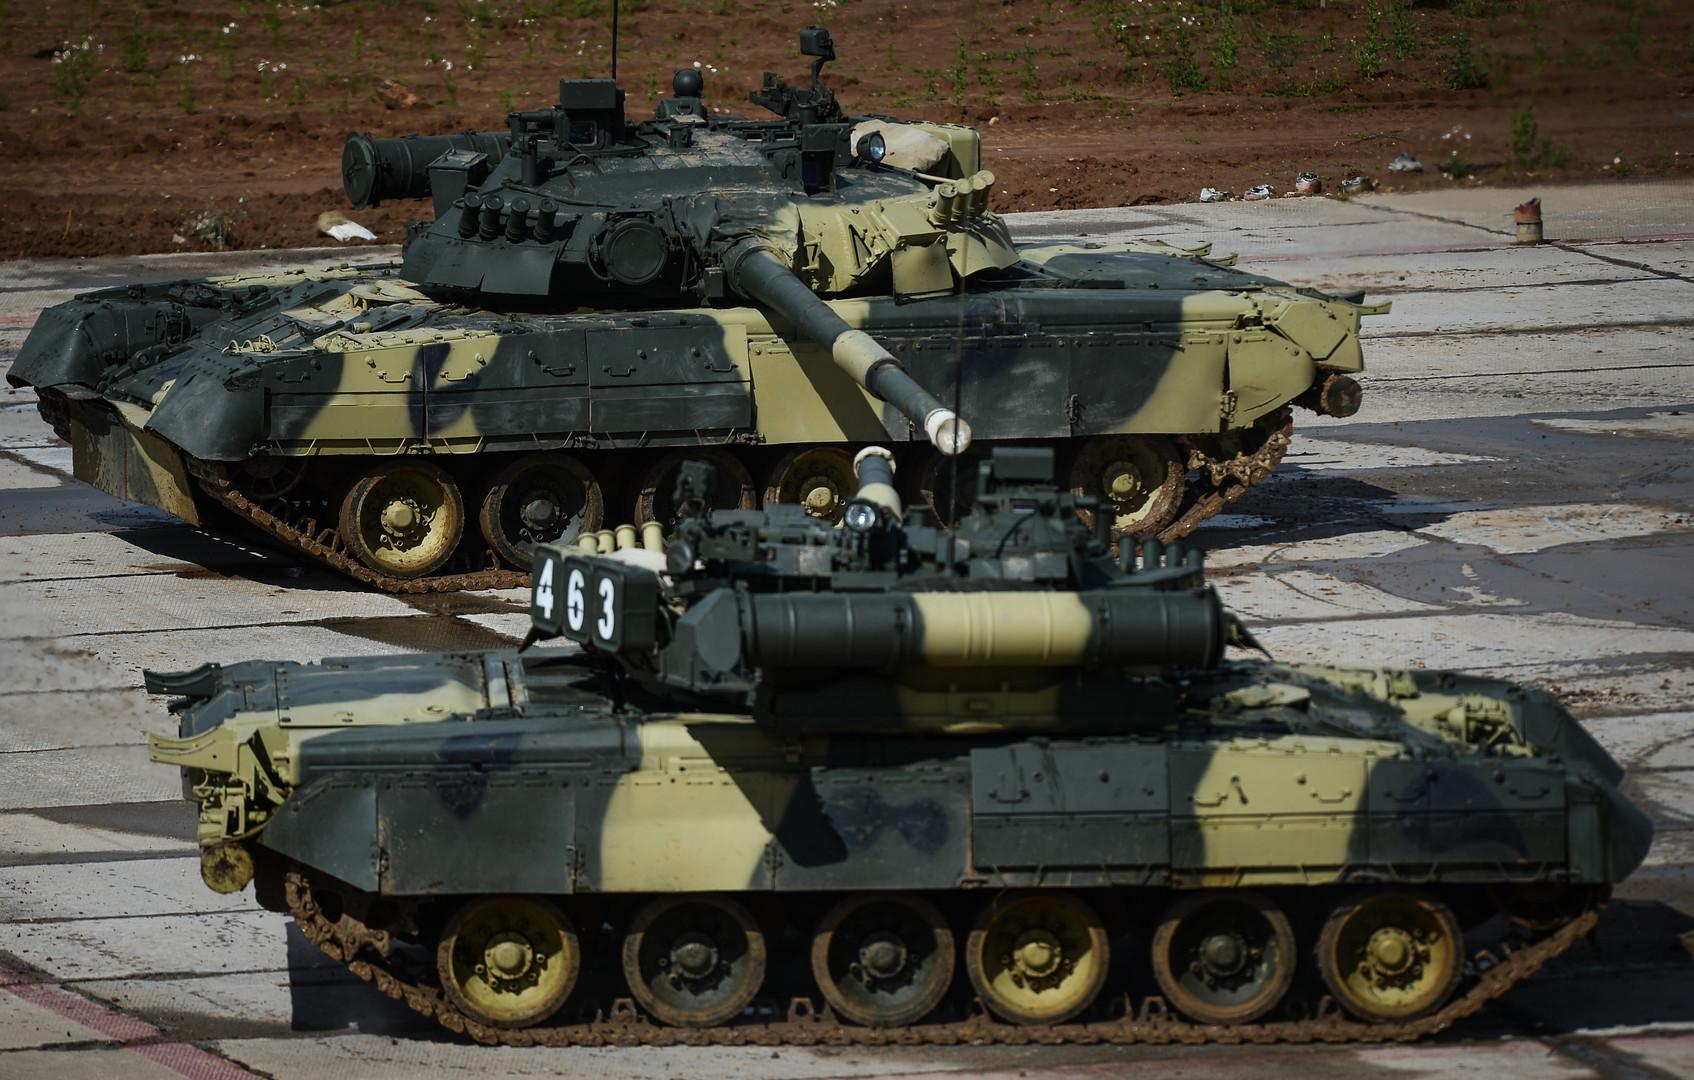 عروض &;باليه الدبابات&; بواسطة دبابات تي